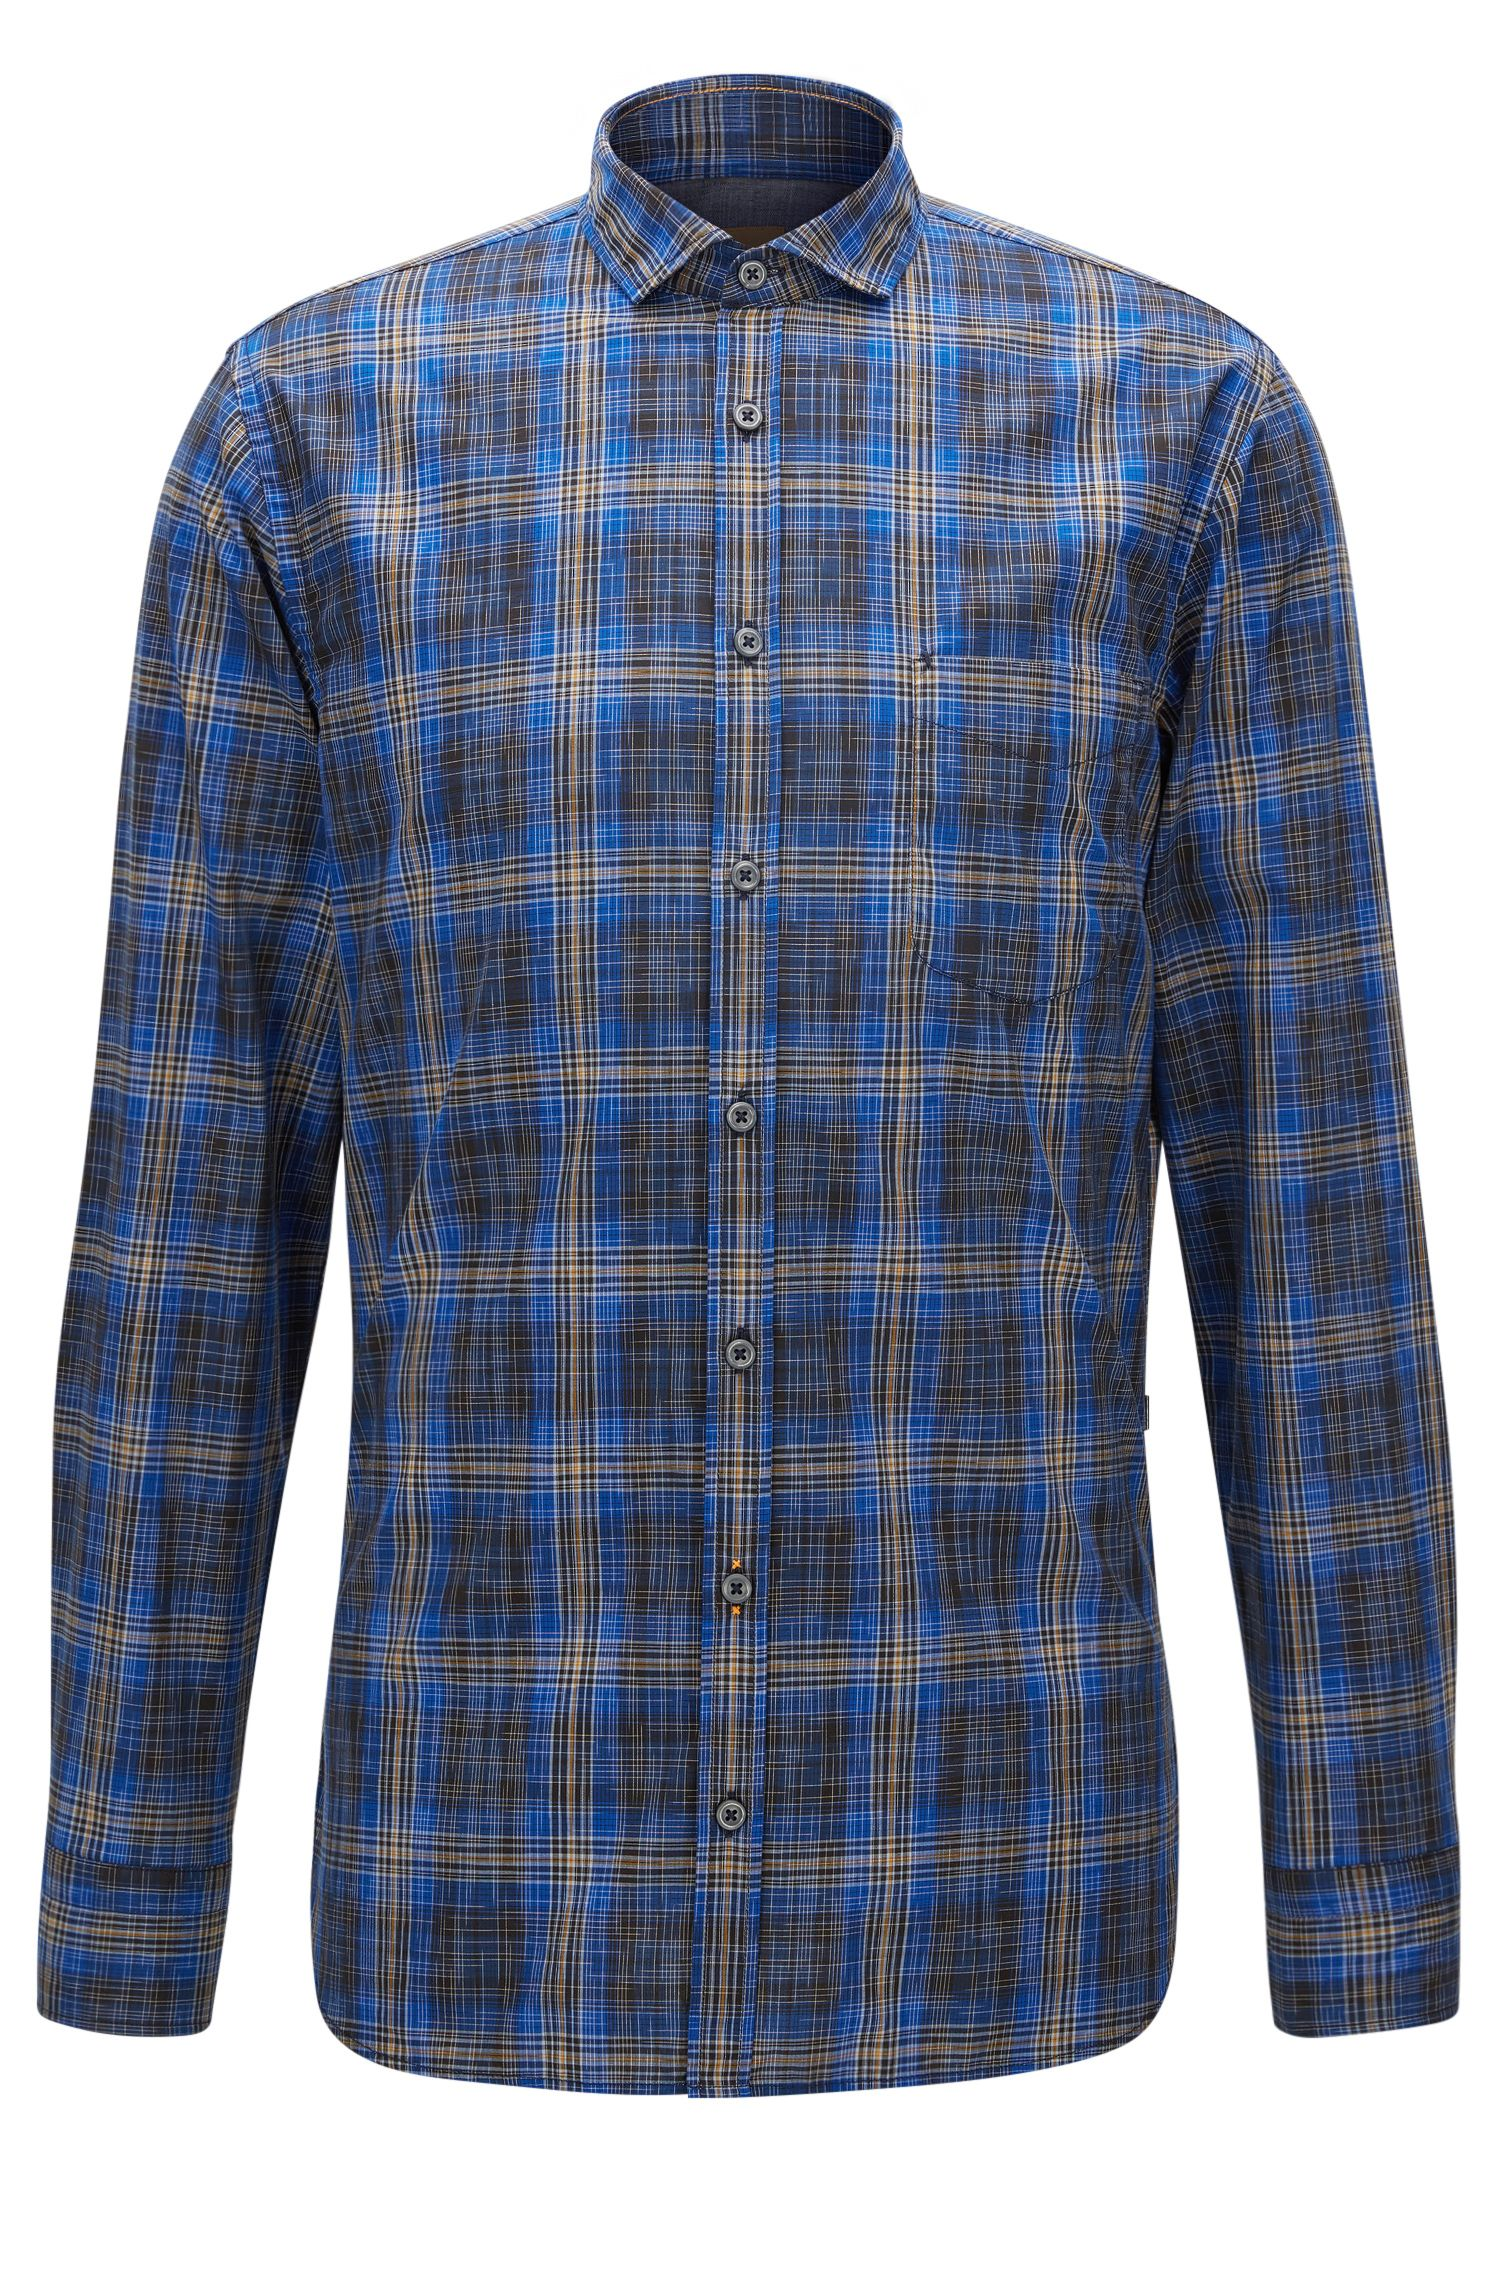 Plaid Cotton Button Down Shirt, Slim Fit | Cattitude